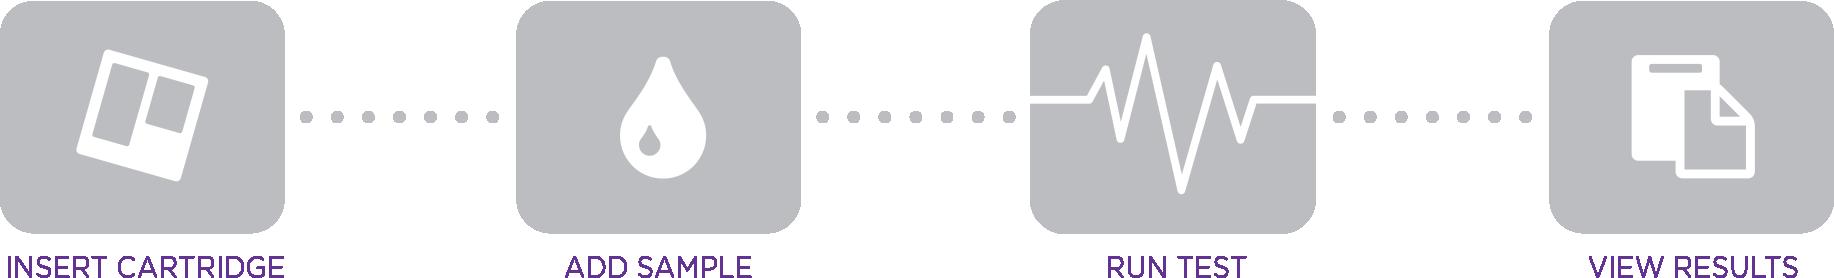 Baebies FINDER workflow